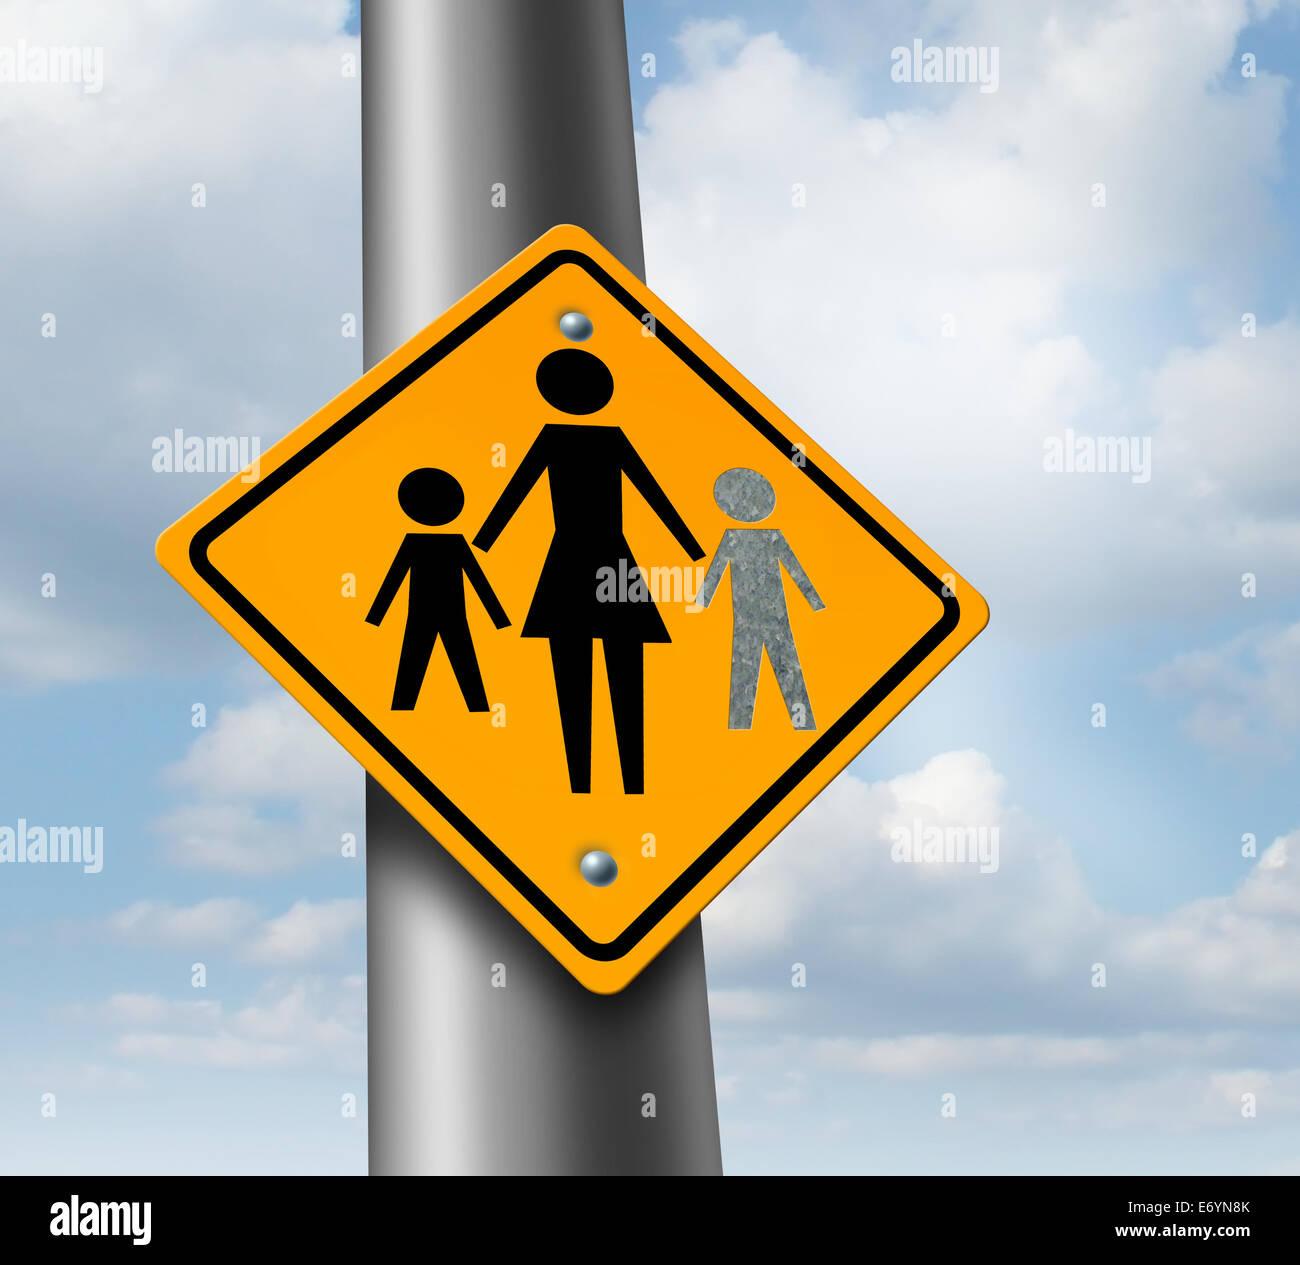 Verlorenes Kind oder fehlende Kind-Konzept mit einem Mutter und Kinder Symbol auf einem Verkehr, dass Zeichen mit Stockbild